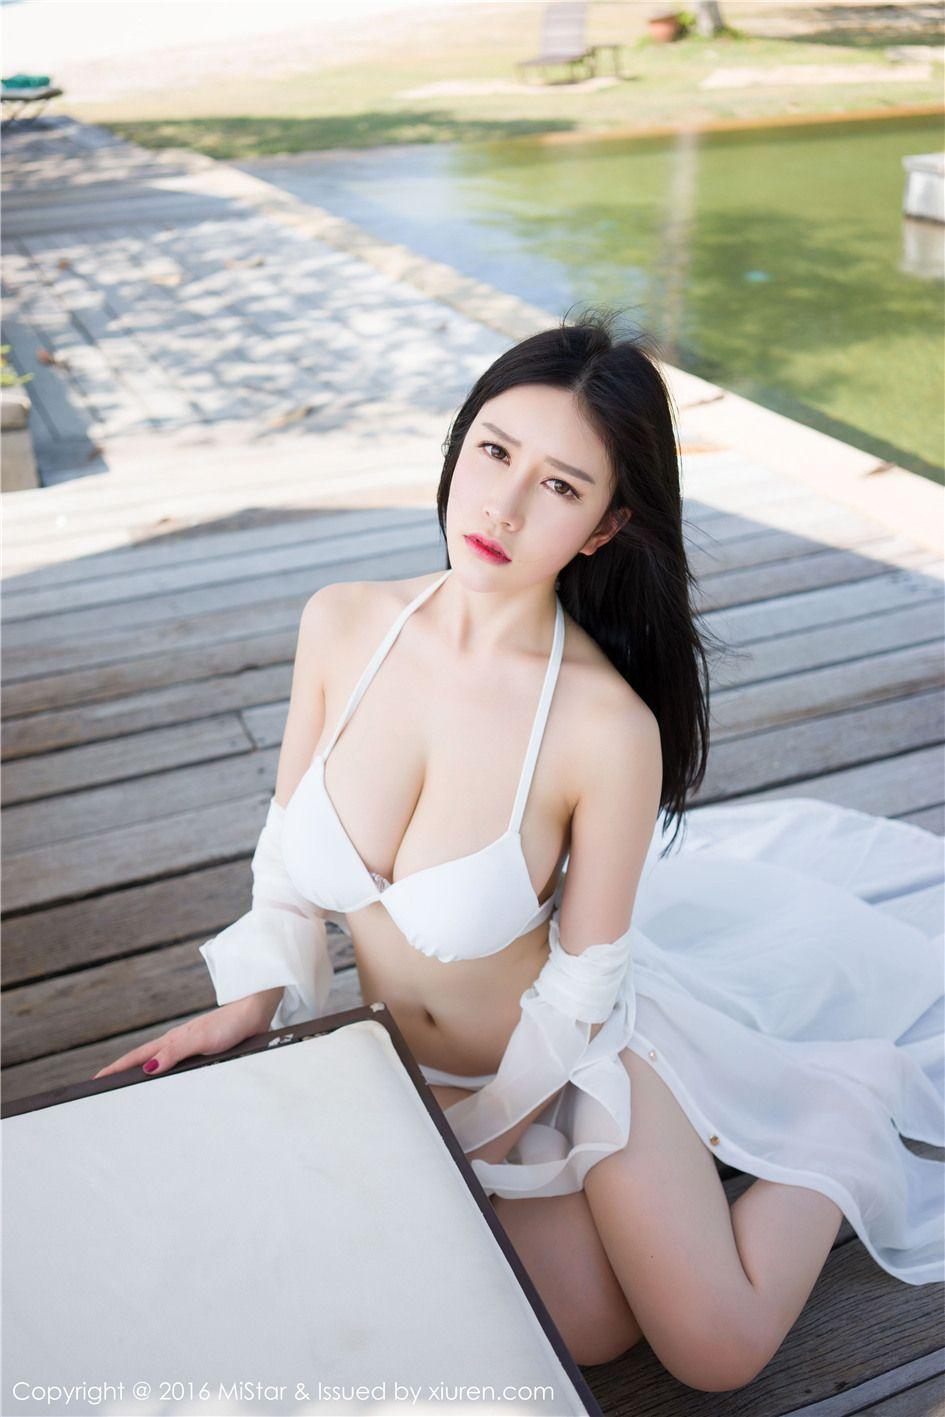 [魅妍社] 丰满高清美女于姬Una泳装靓丽  VOL.074